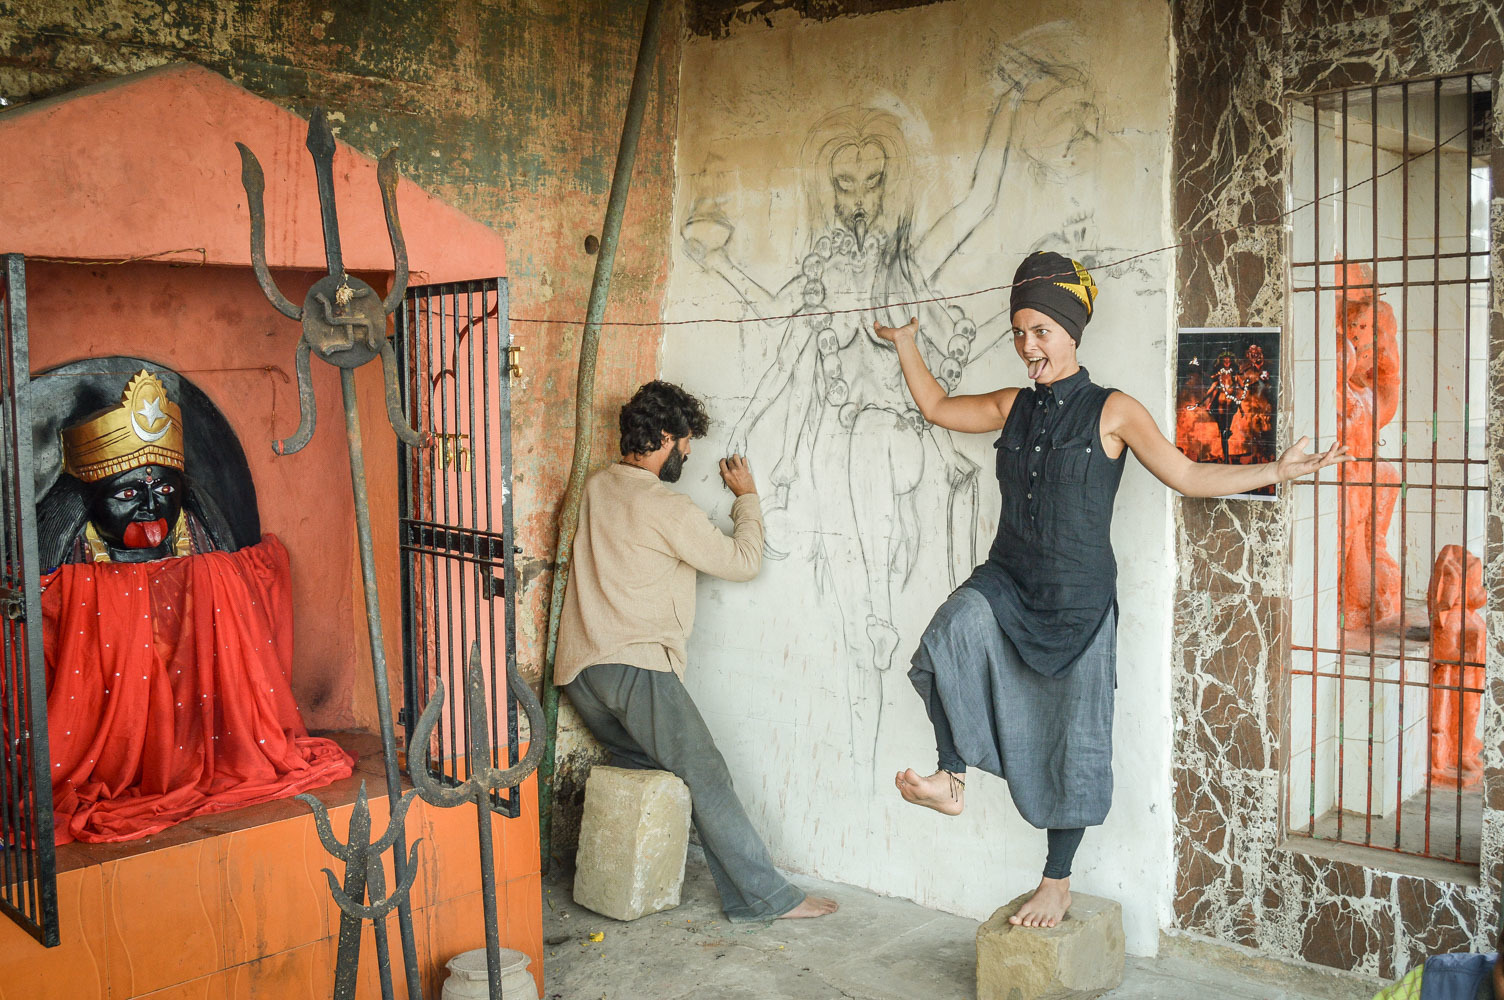 Итальянский художник рисует богиню Кали Ма в храме Кали Ма с девушки Софико из Грузии